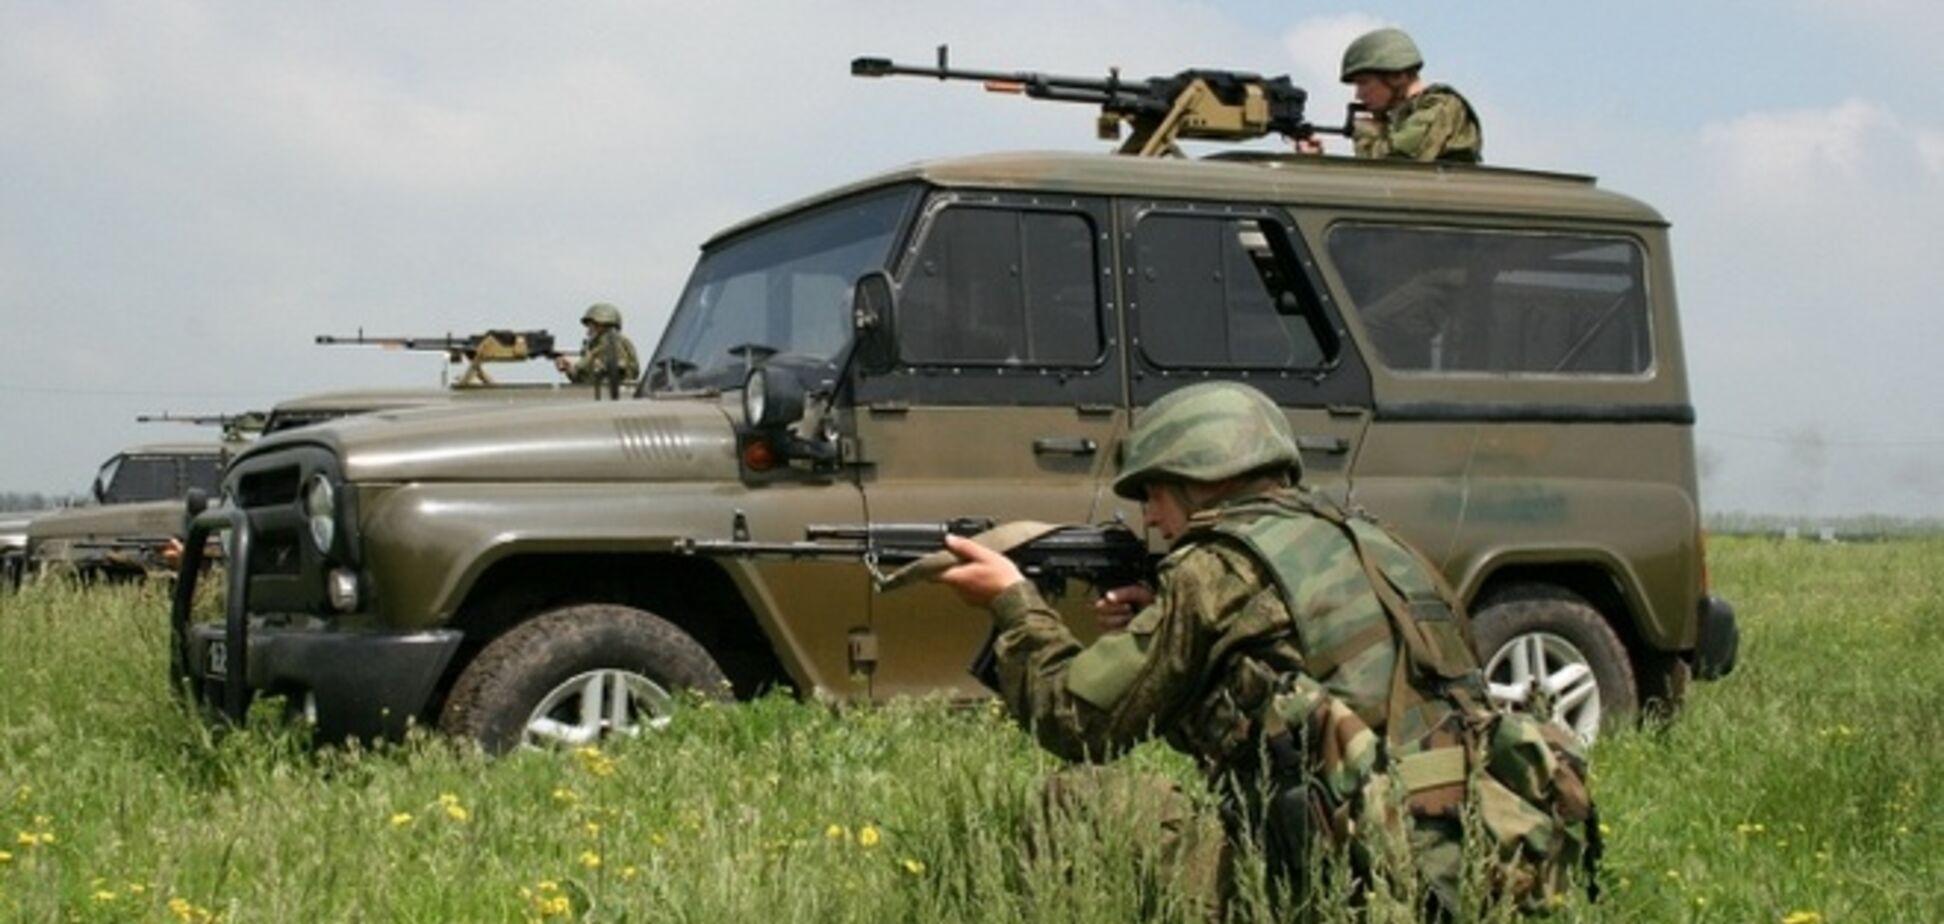 Армия Путина начала передислокацию в рамках внеплановой проверки